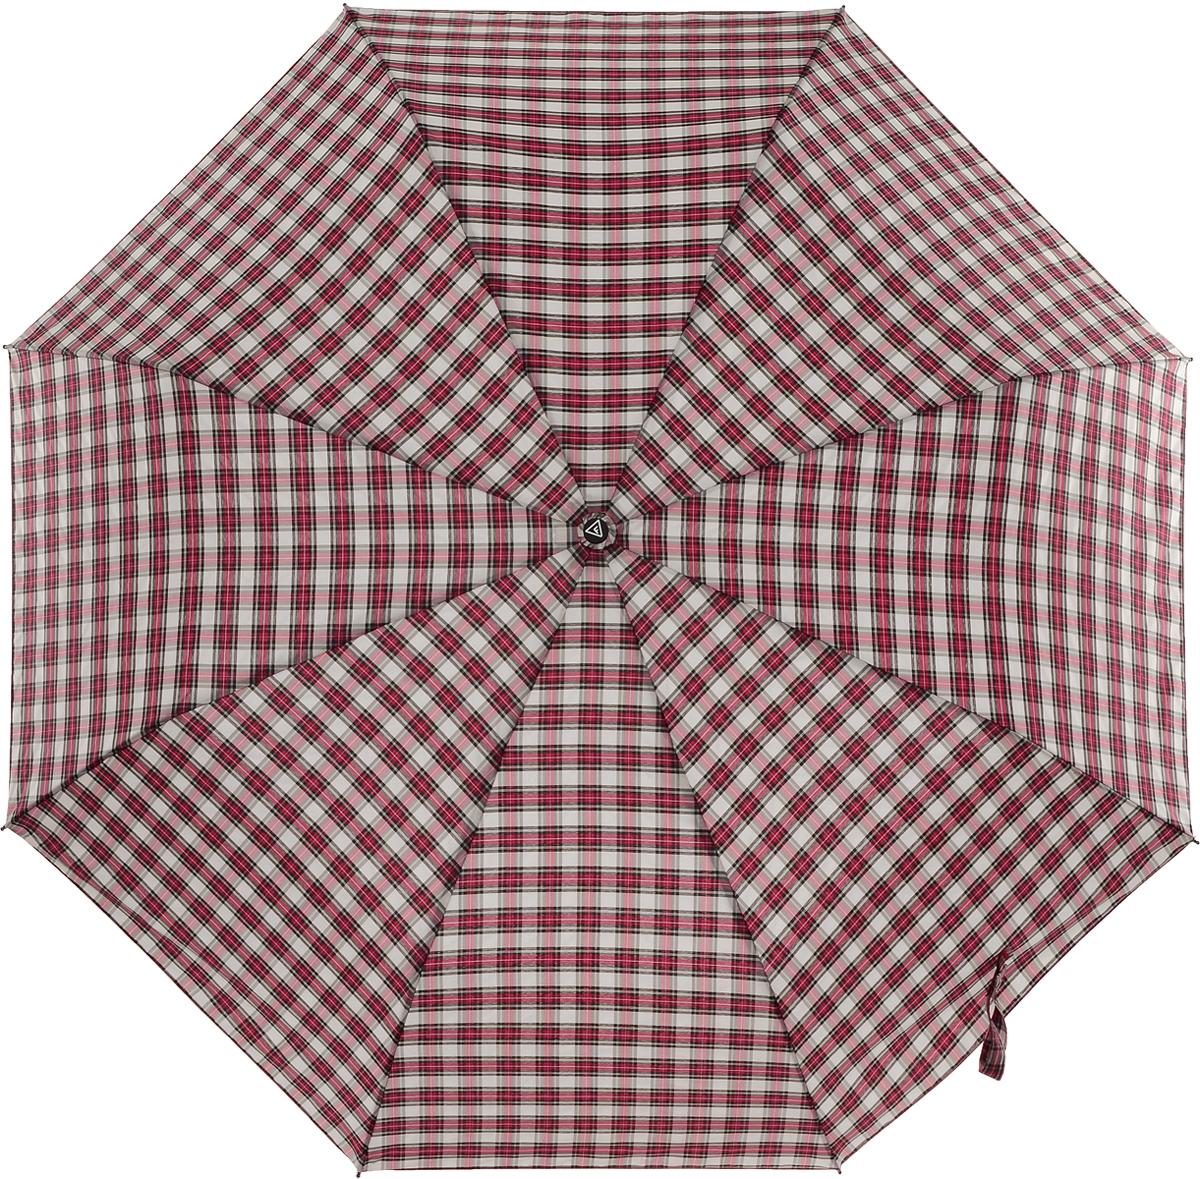 Зонт женский Fabretti, цвет: красный. FCH-10Колье (короткие одноярусные бусы)Классический зонт - полный автомат от итальянского бренда Fabretti. Материал купола - эпонж, обладает высокой прочностью и износостойкостью. Вода на куполе из такого материала скатывается каплями вниз, а не впитывается, на нем практически не видны следы изгибов. Эргономичная ручка сделана из высококачественного пластика-полиуретана с противоскользящей обработкой.